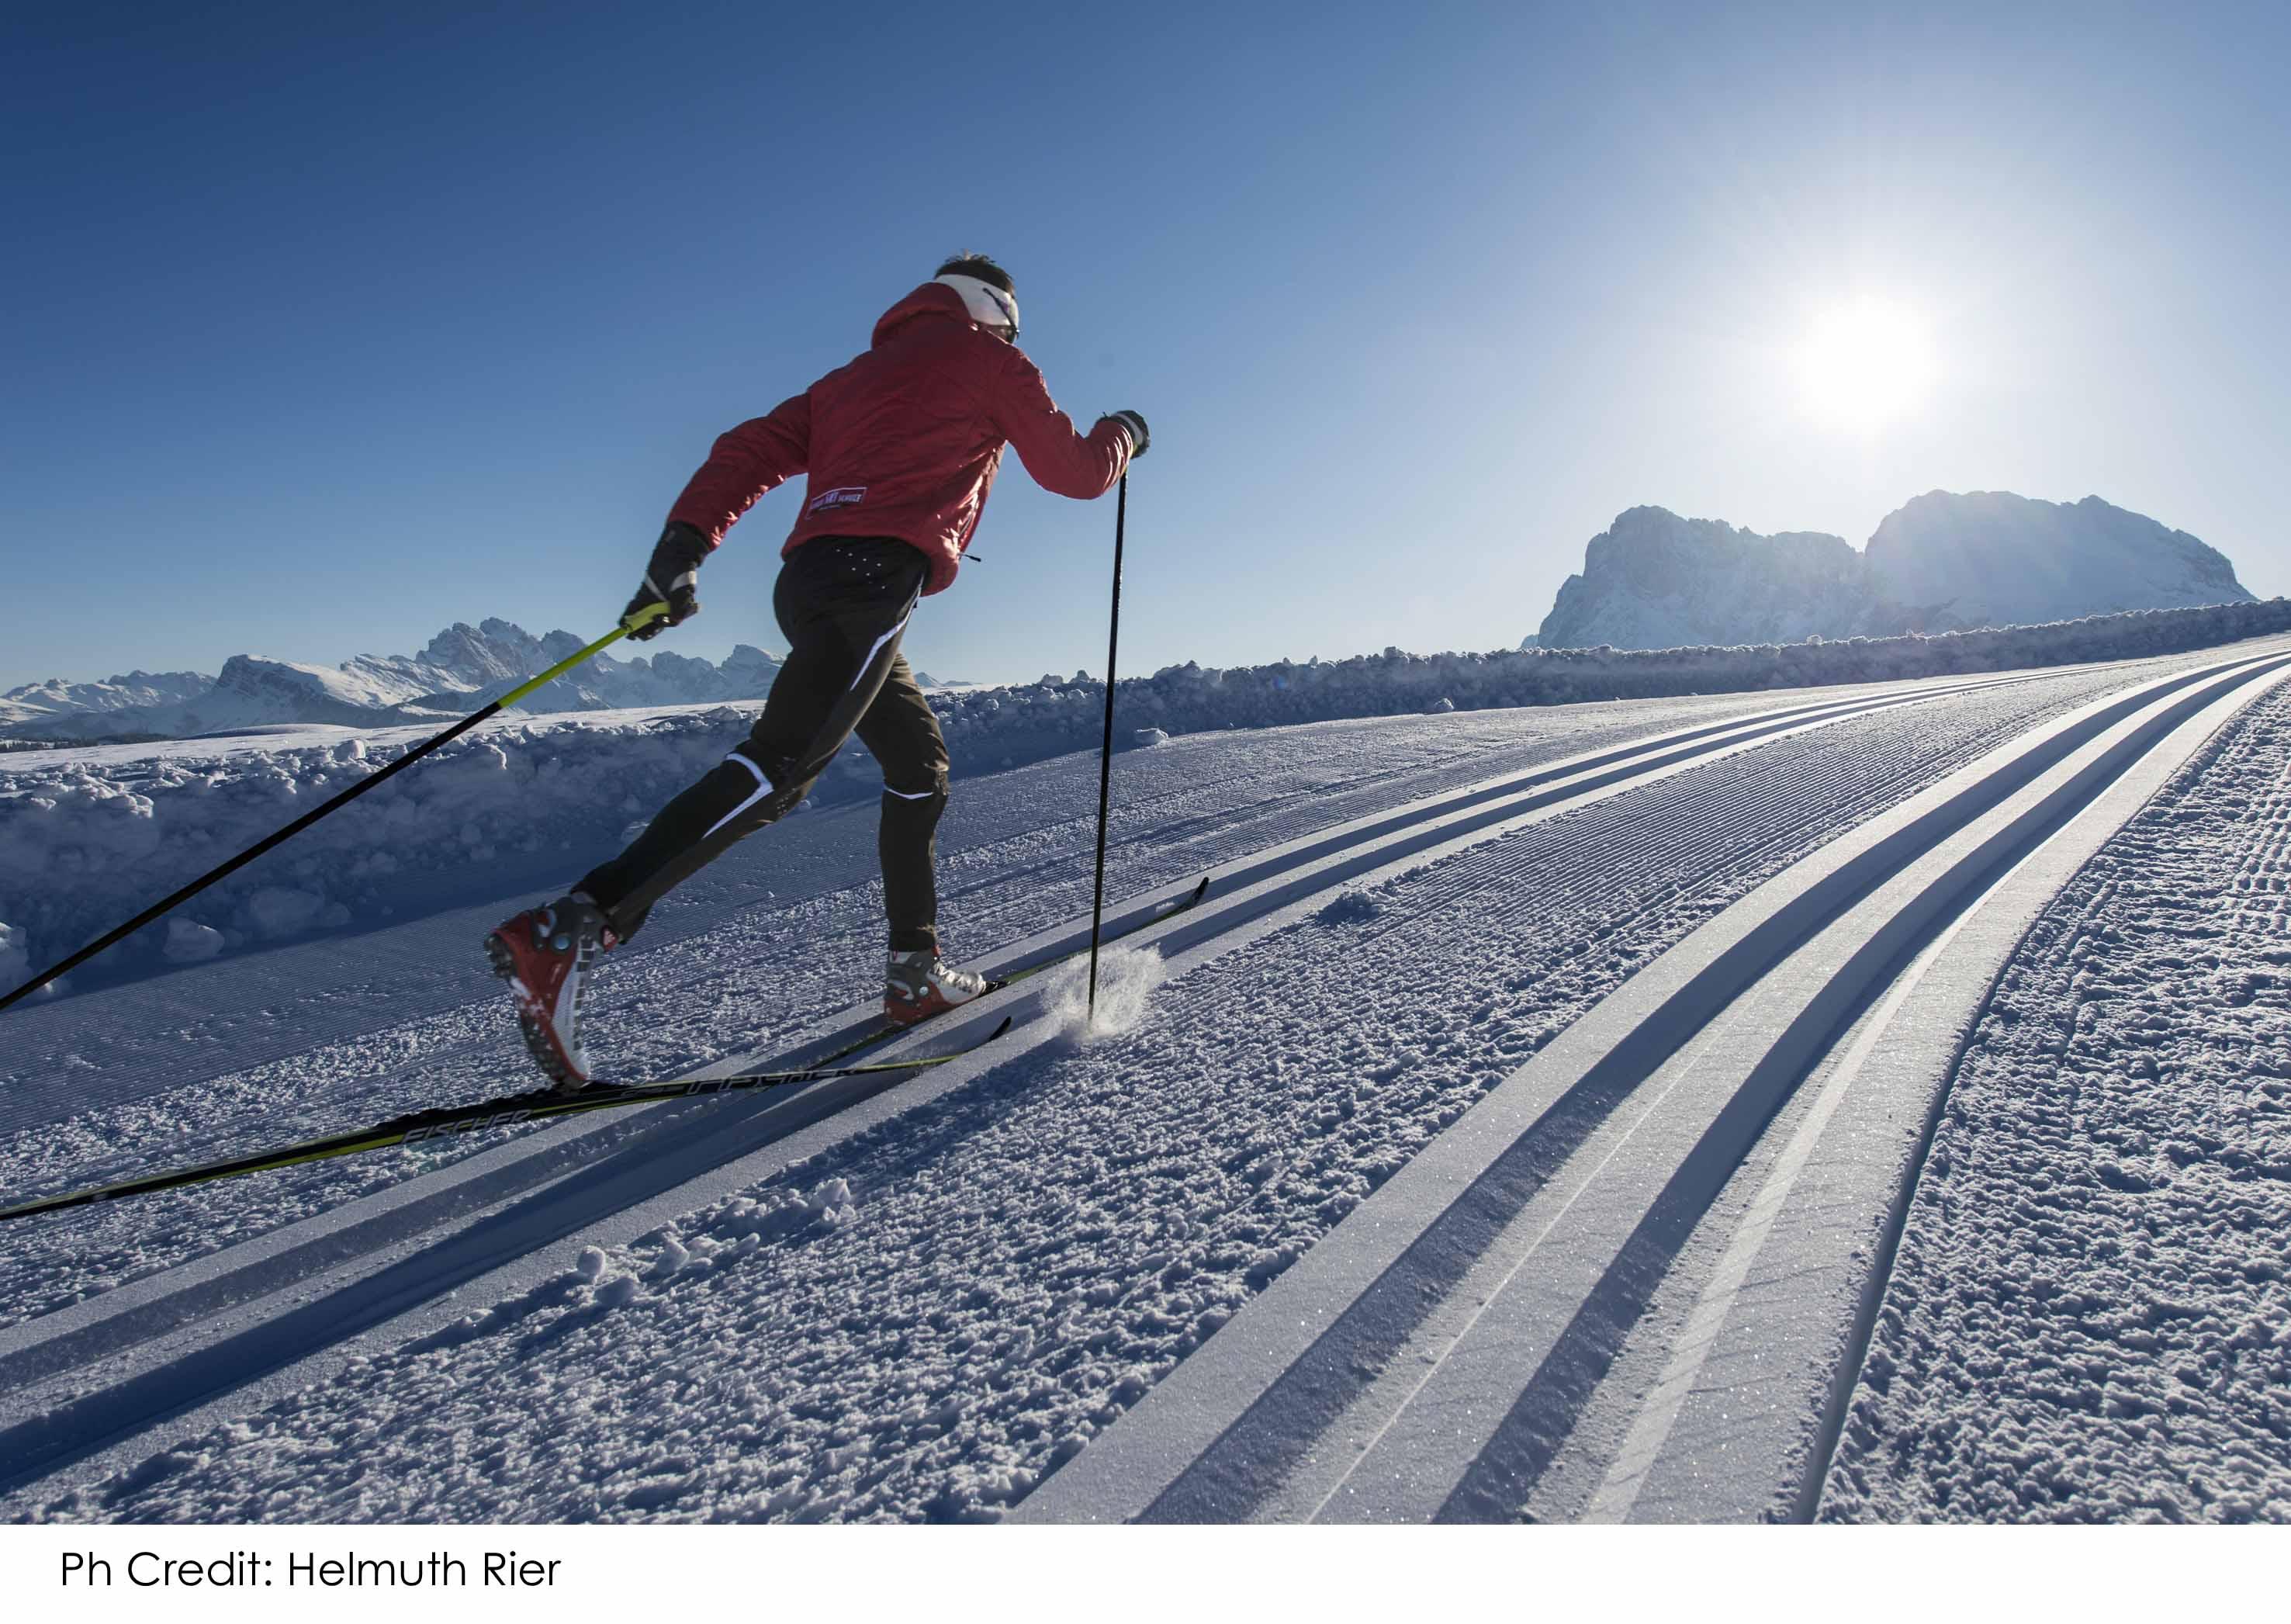 Alpe di Siusi: vacanza sci di fondo con l'olimpionica Karin Moroder